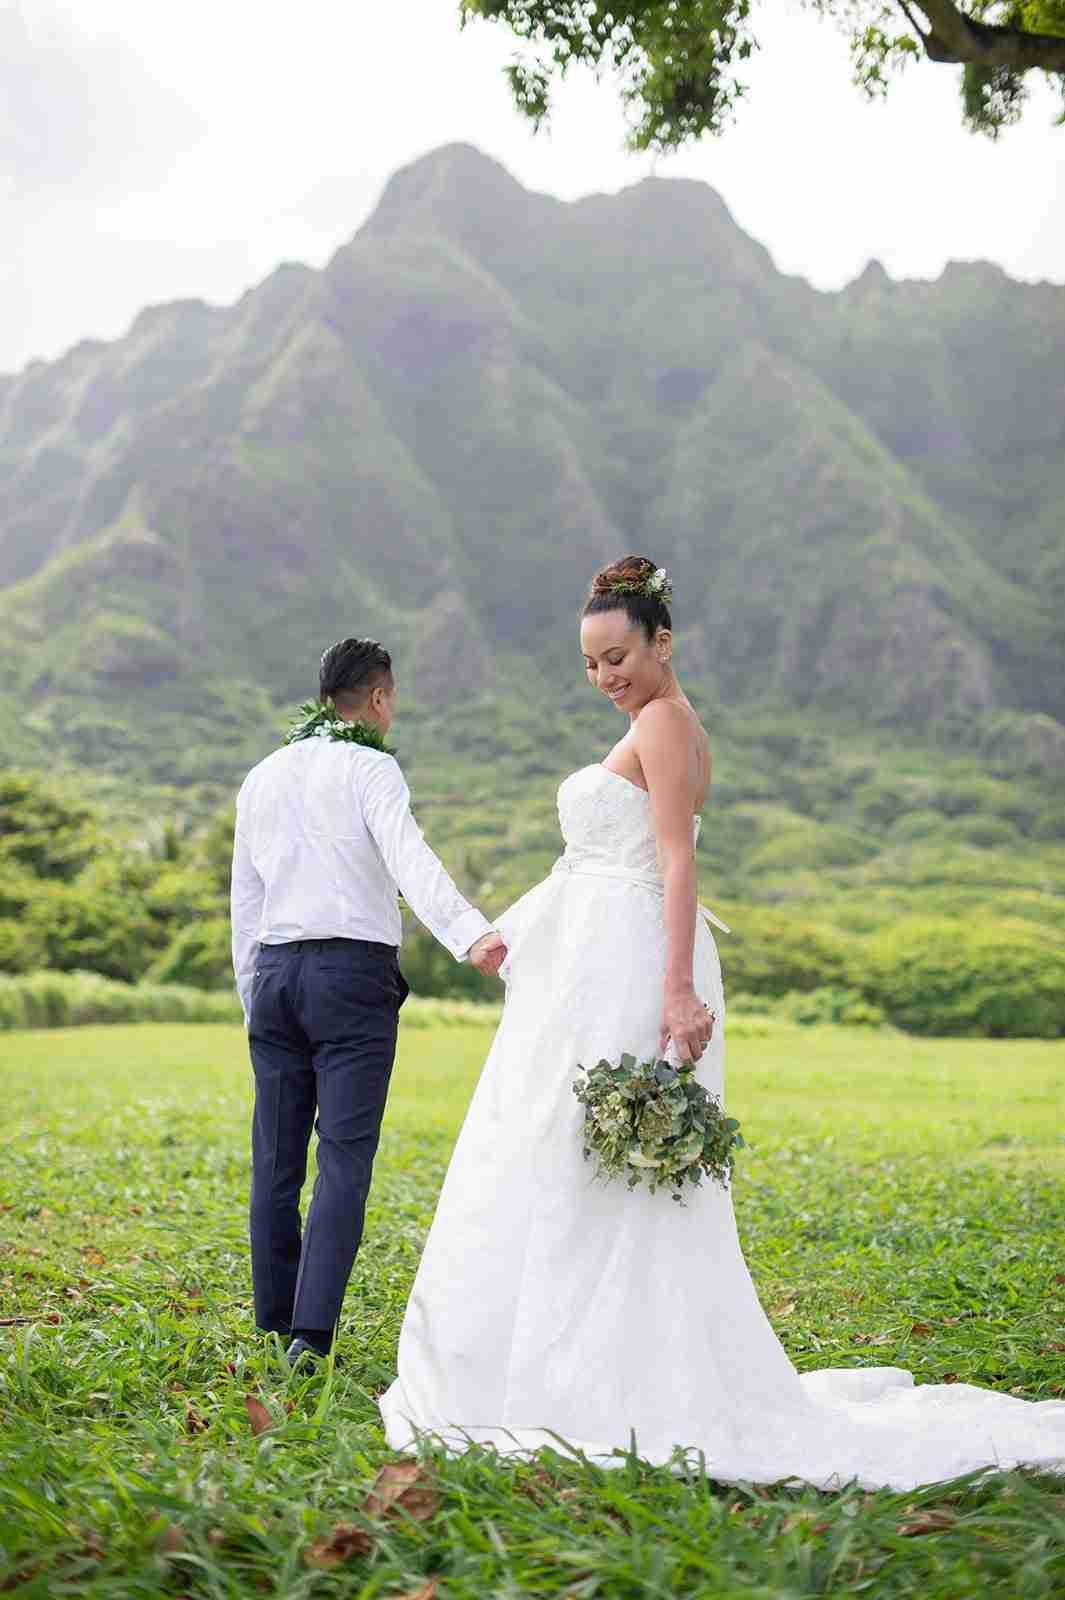 道端アンジェリカ、ハワイで挙式 夫との手つなぎショット&ふっくらお腹のドレス姿公開